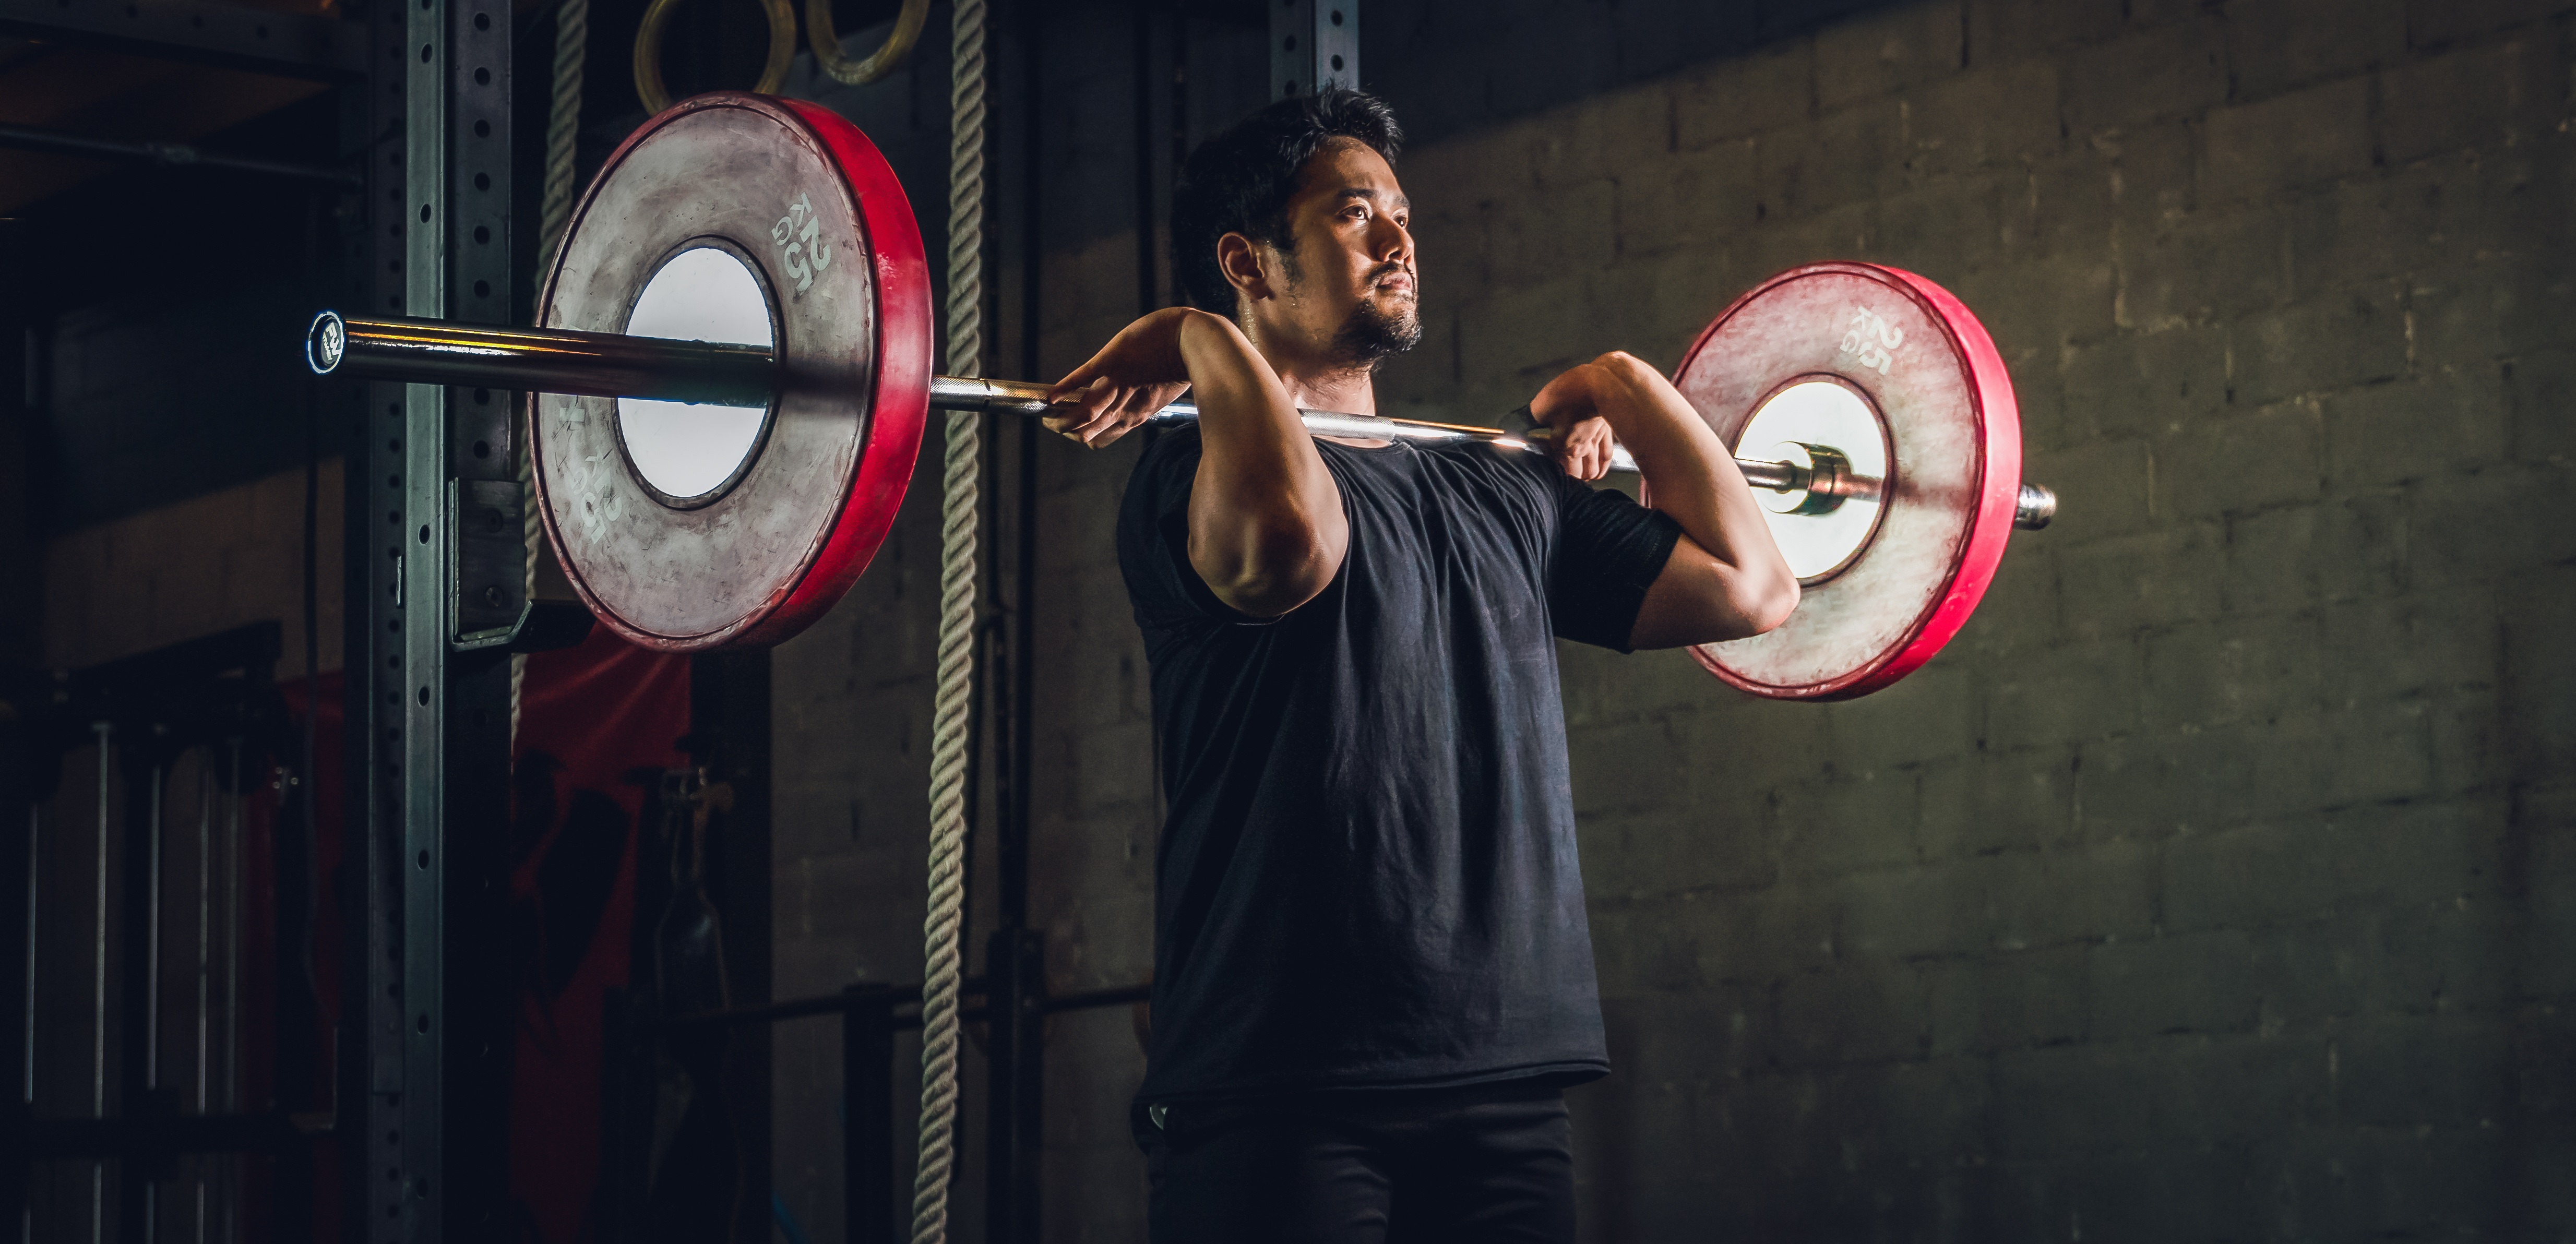 Mann beim Training für Rumpfmuskulatur | Dein Personal Trainer Berlin